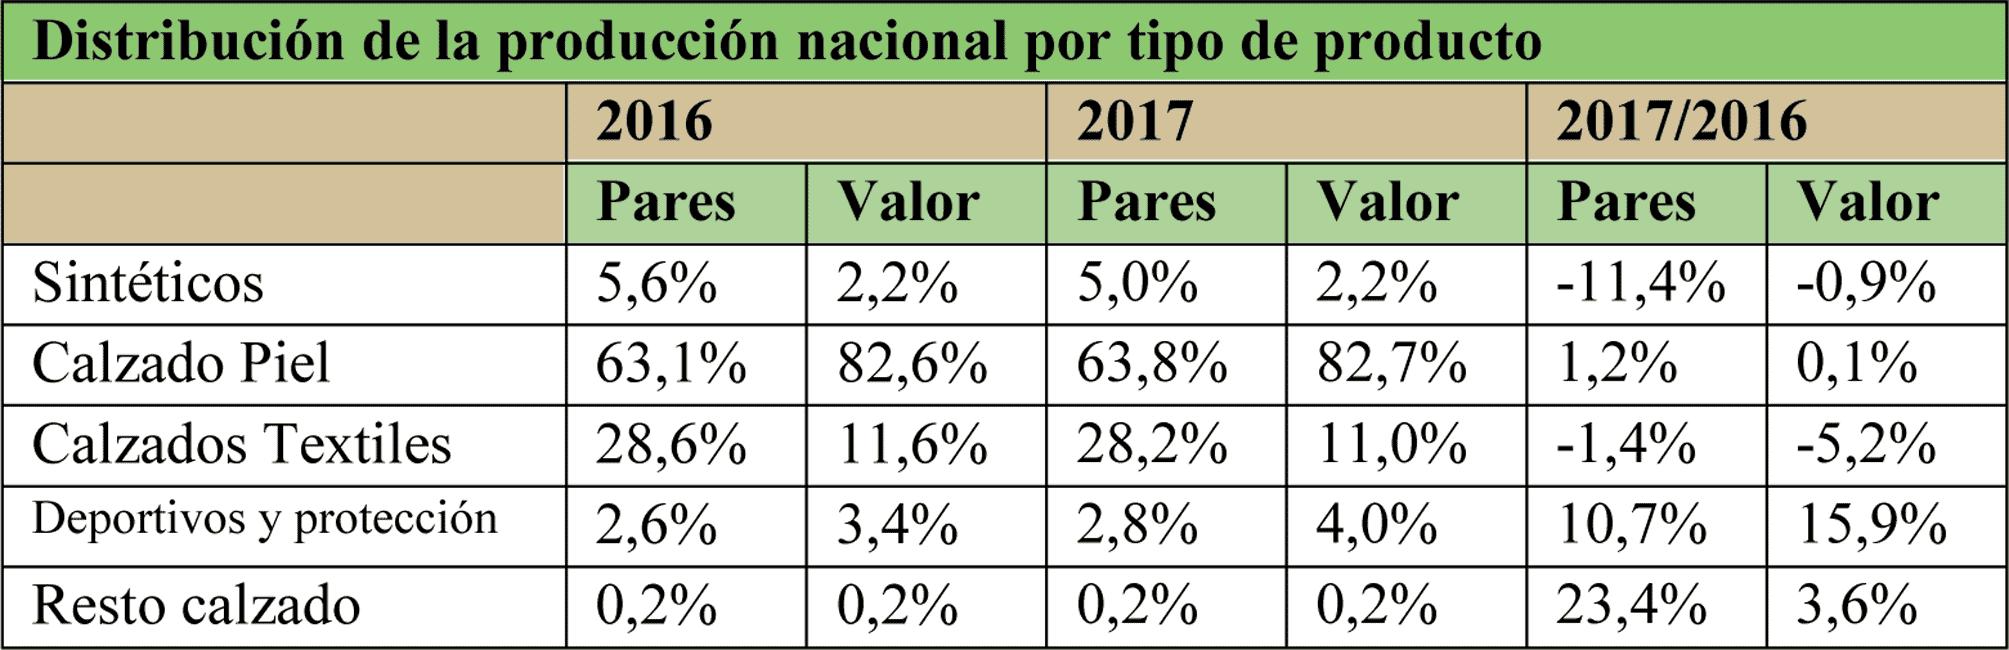 Distribución la producción de calzado por tipo de materiales (2016-2017)